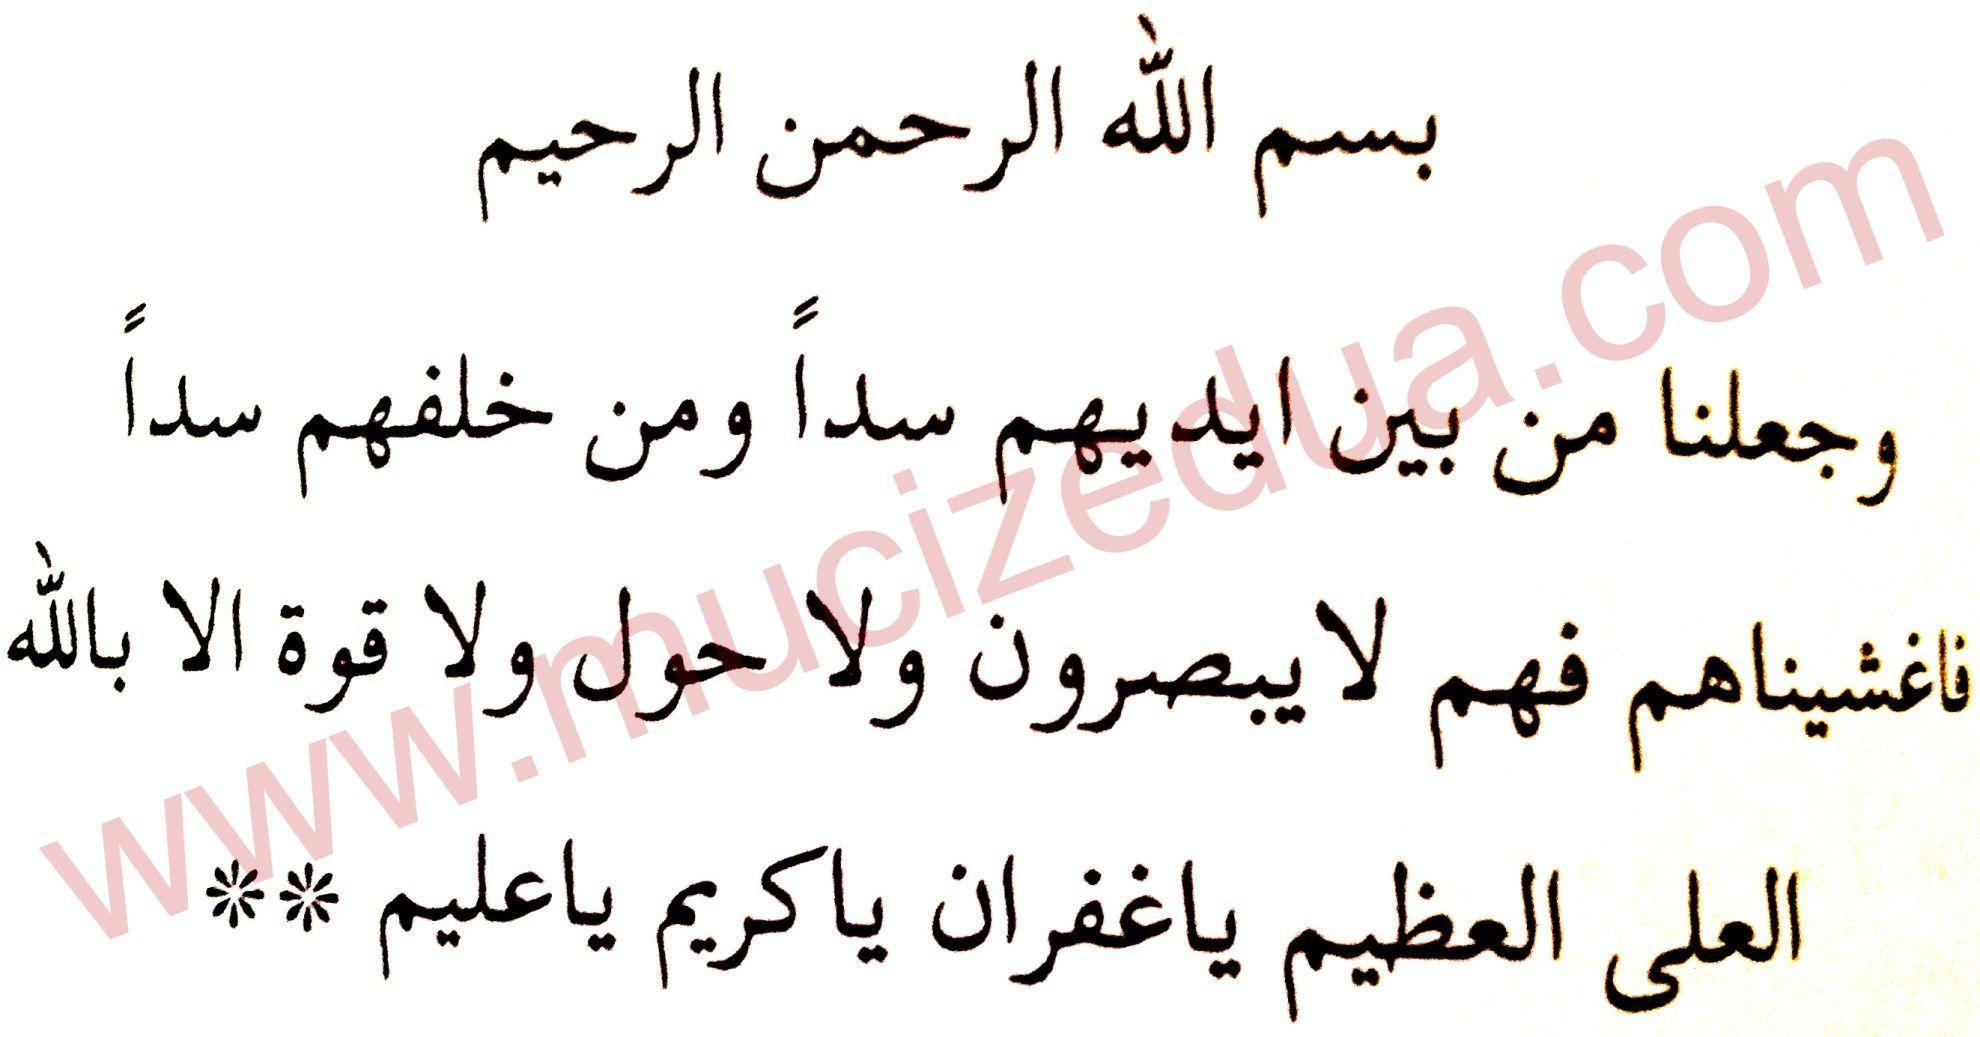 Dil Baglama Tilsimi Allah Download Books Islam Quran